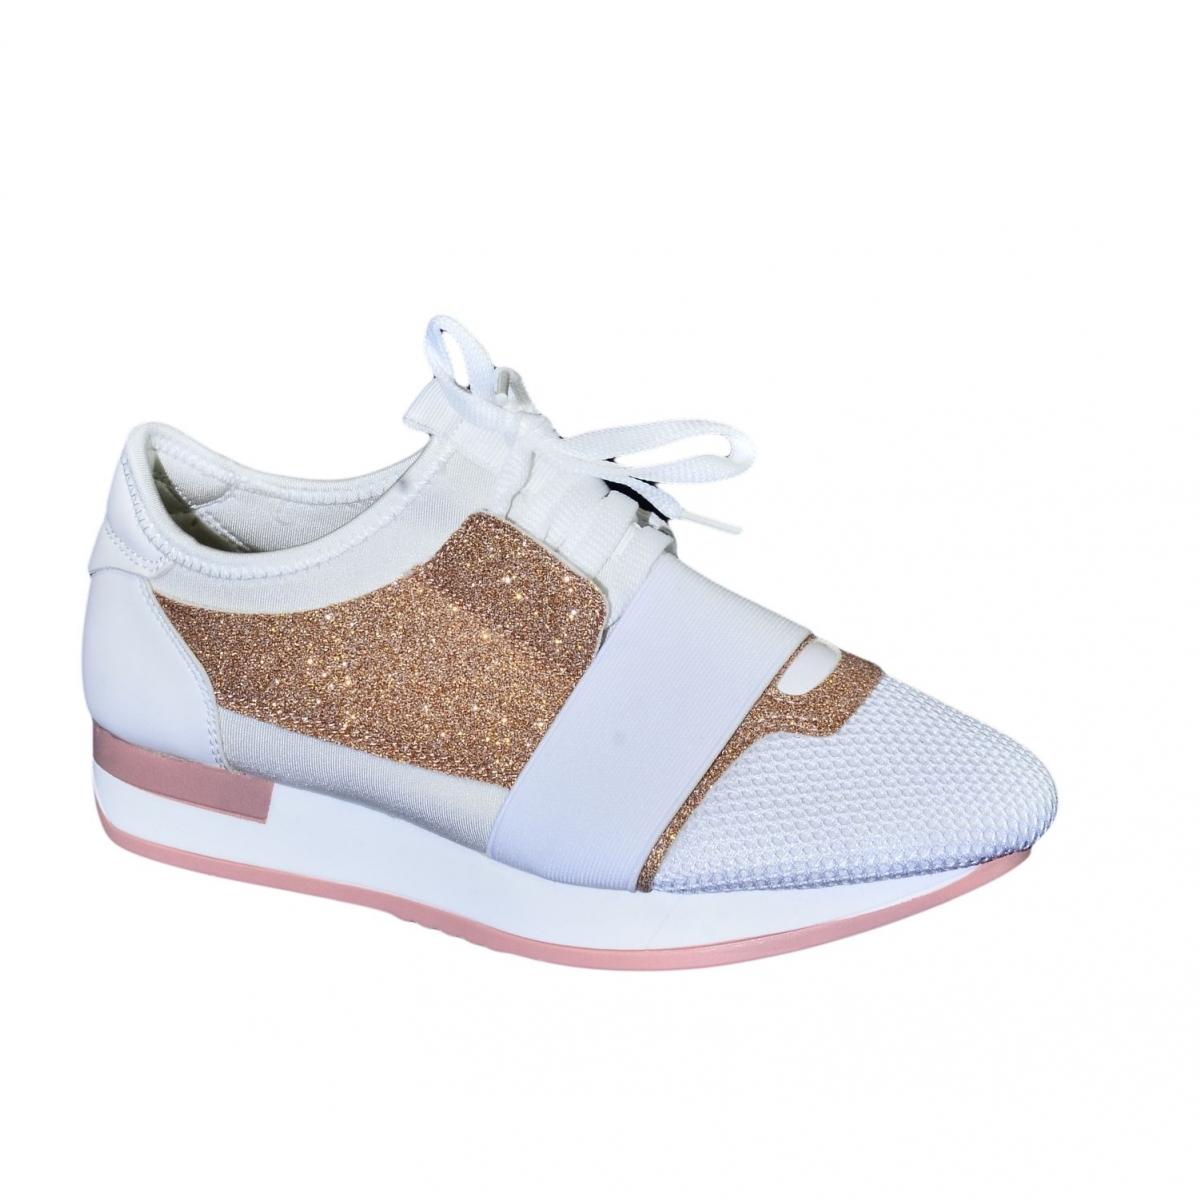 080f068c771a Dámske bielo-ružové botasky BRIEN - 5